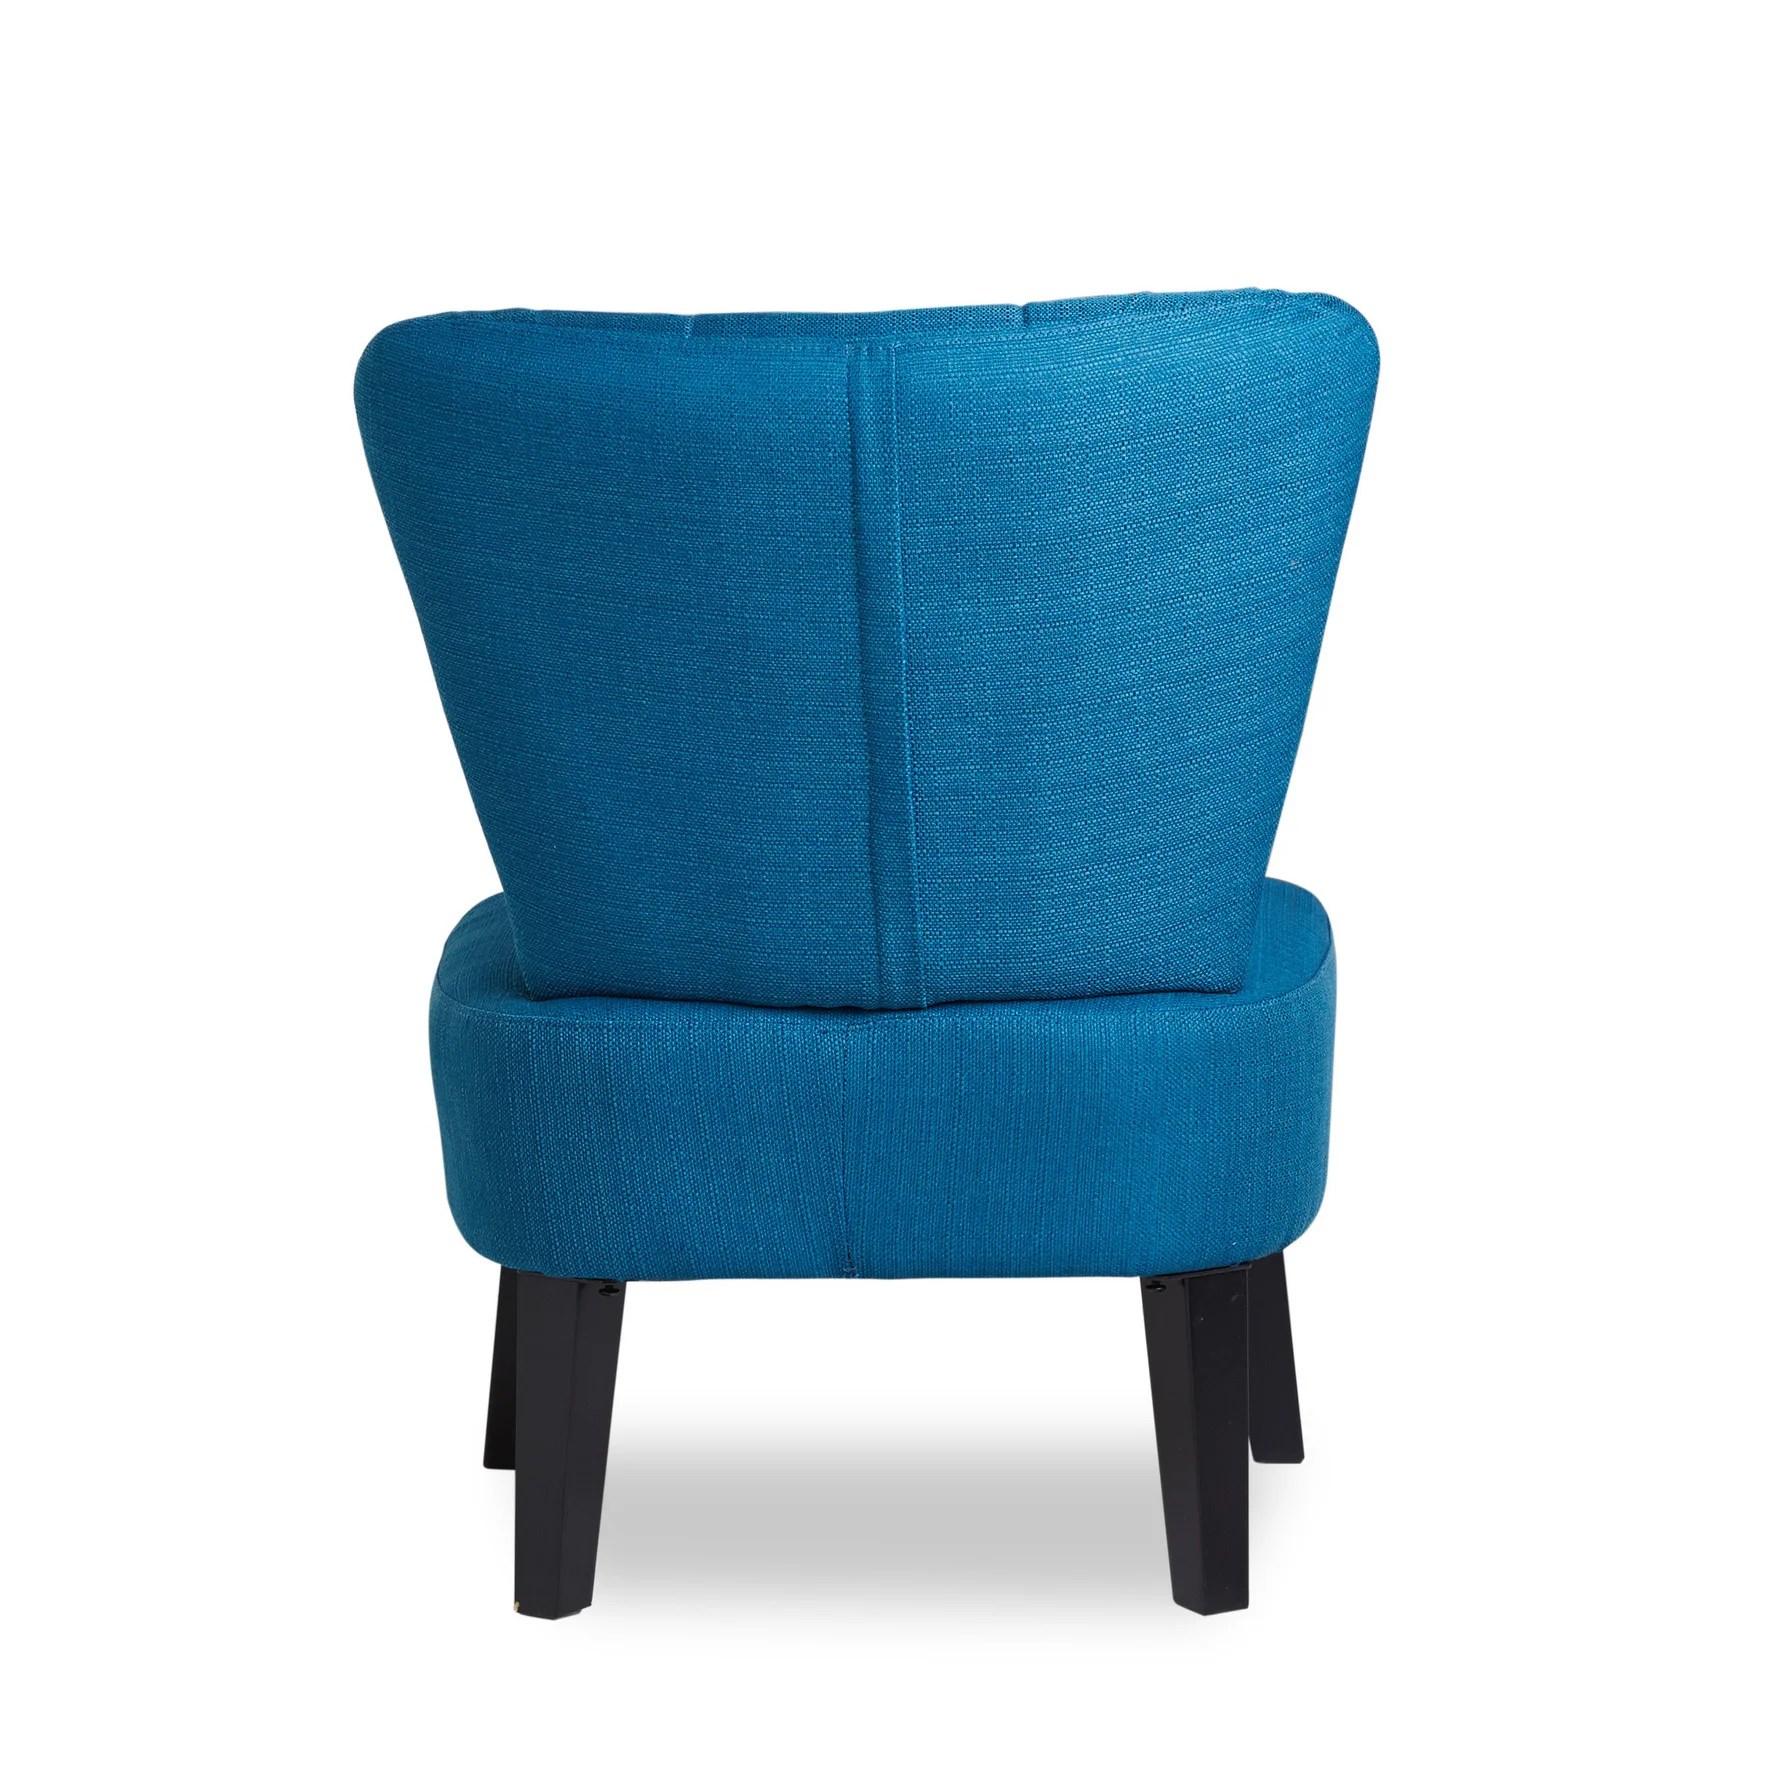 modern slipper chair zero gravity target porter international designs maddie contemporary